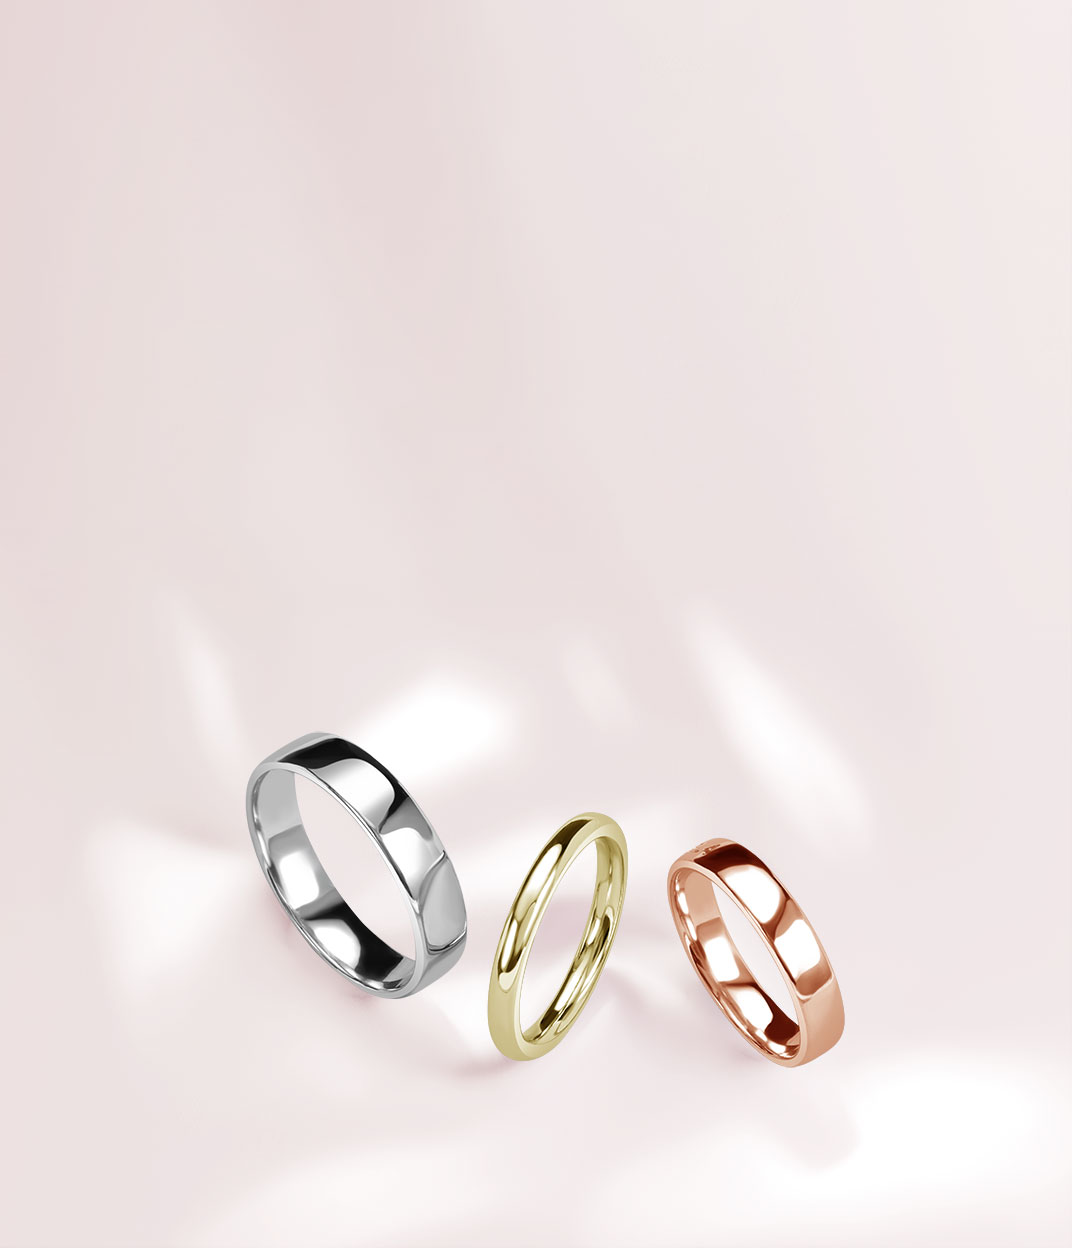 Men's Wedding Rings - Steven Stone